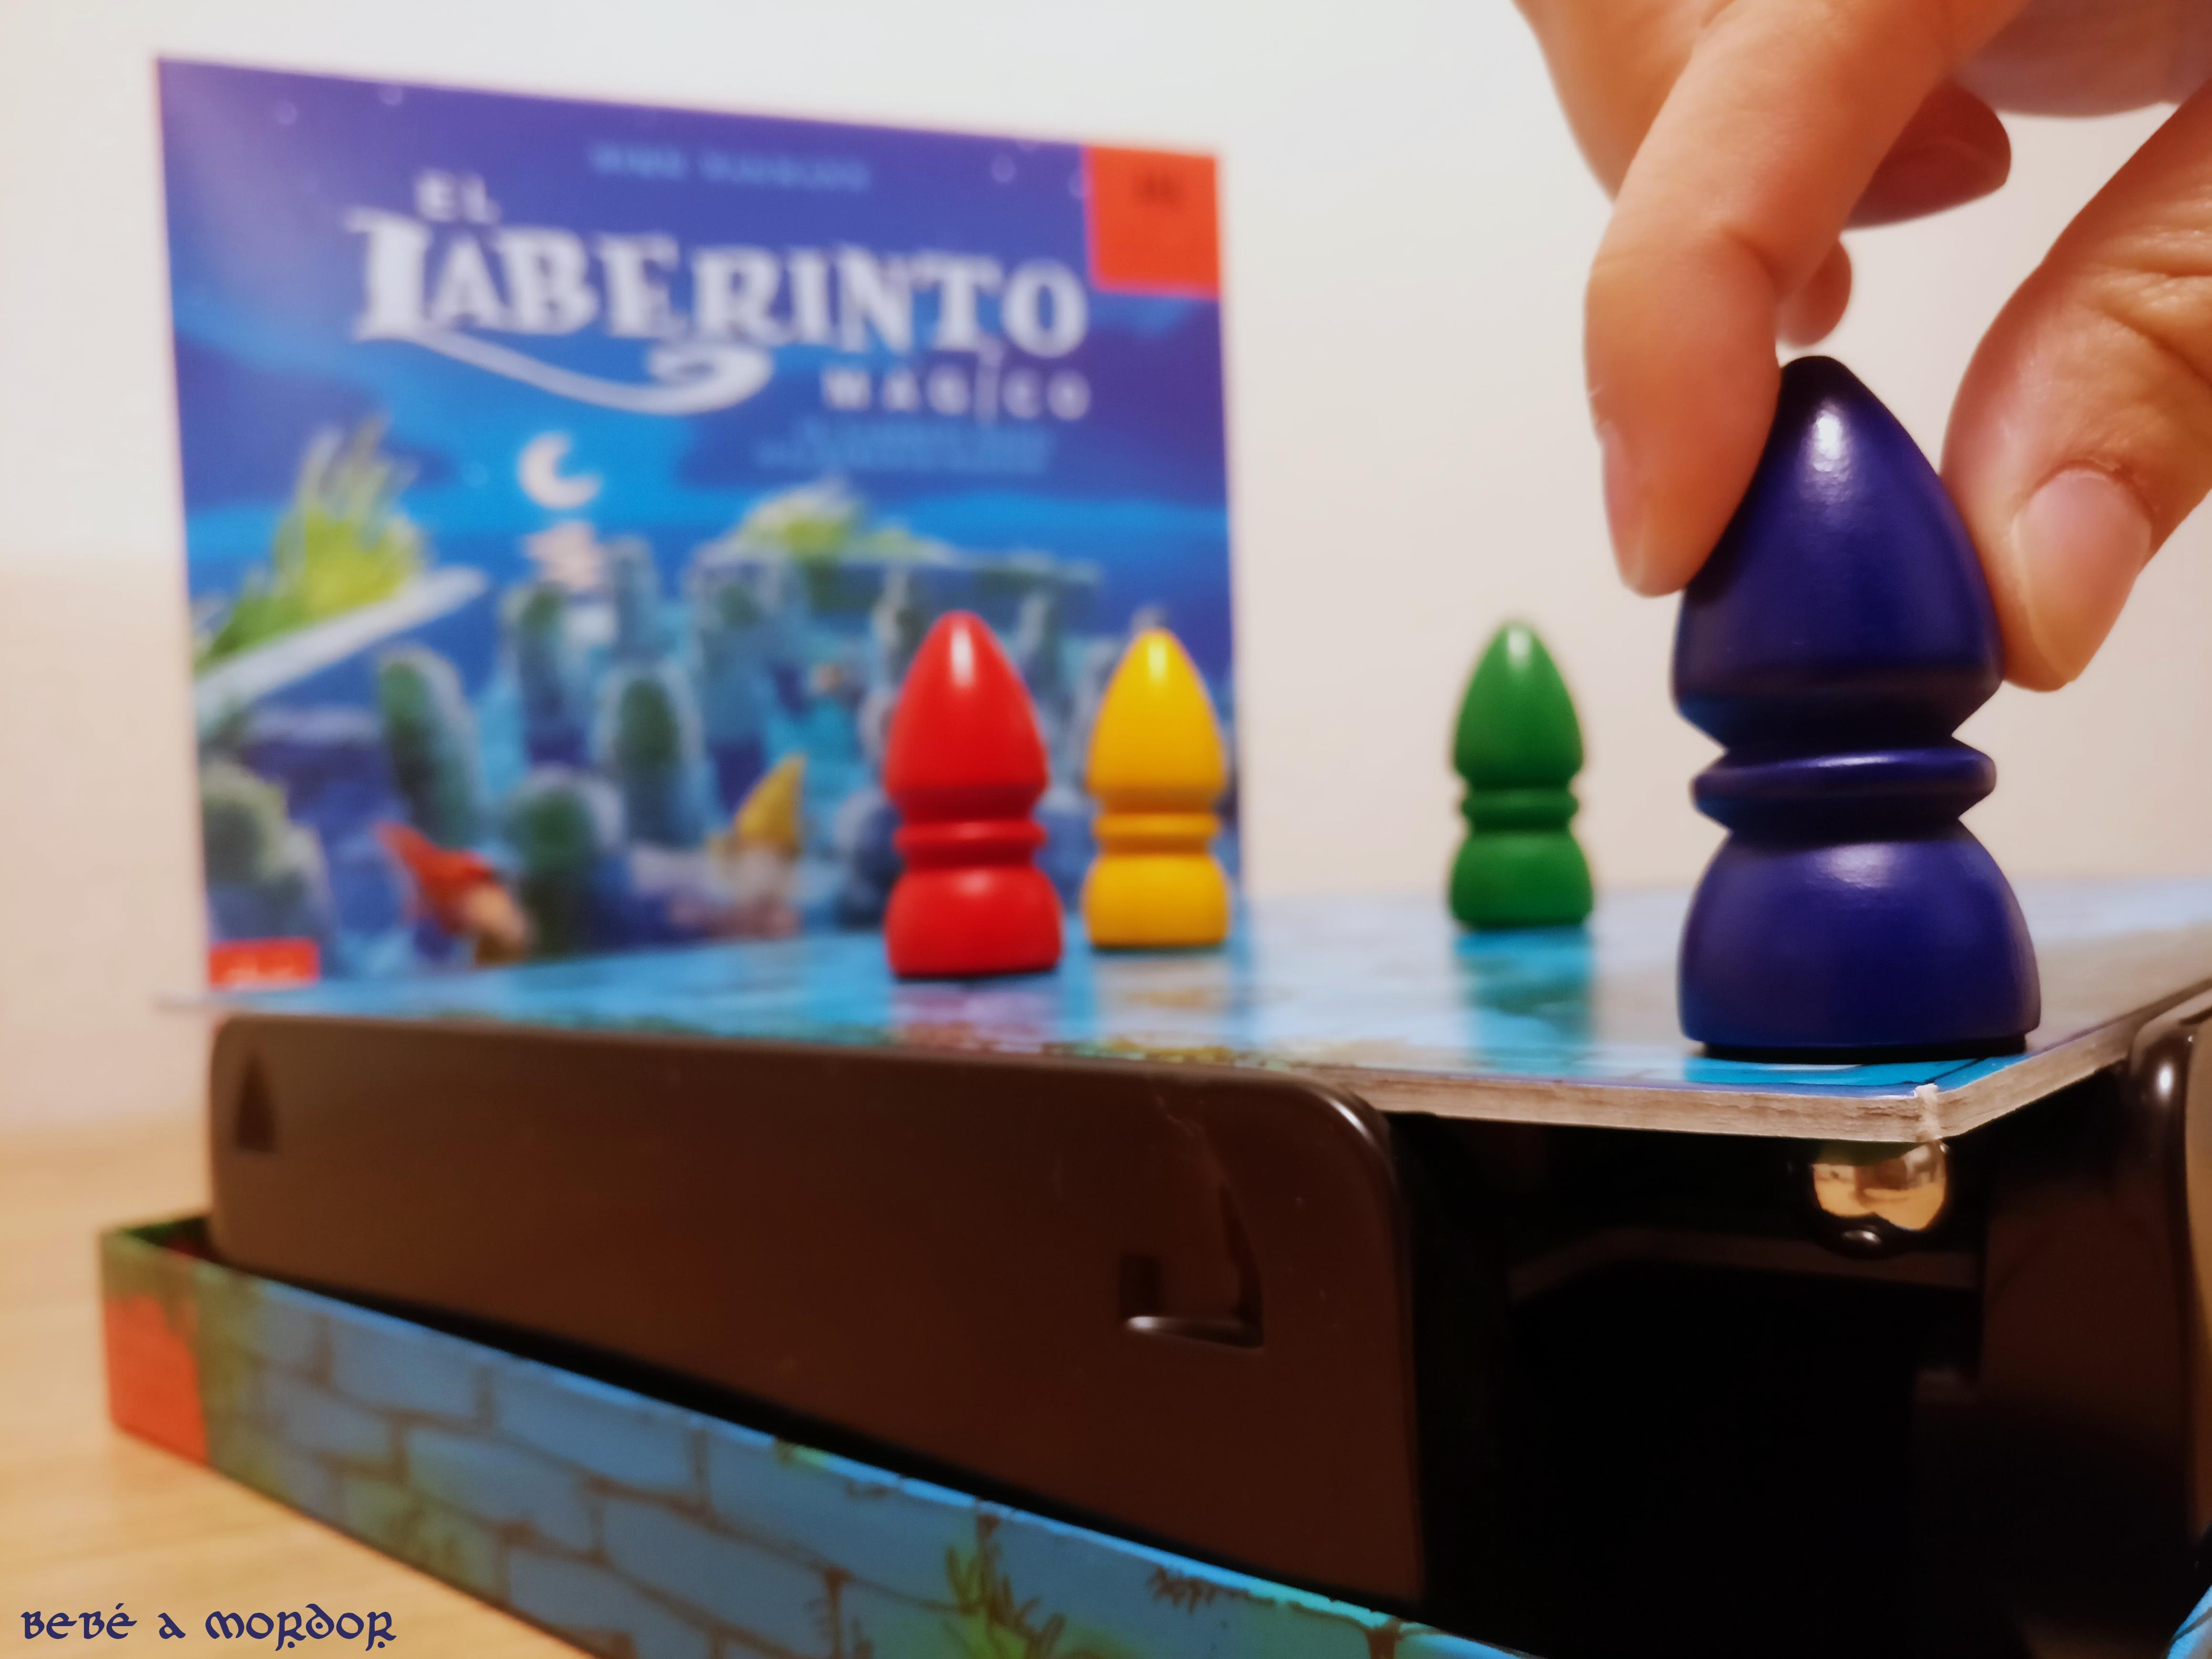 juego de mesa Laberinto Mágico Devir